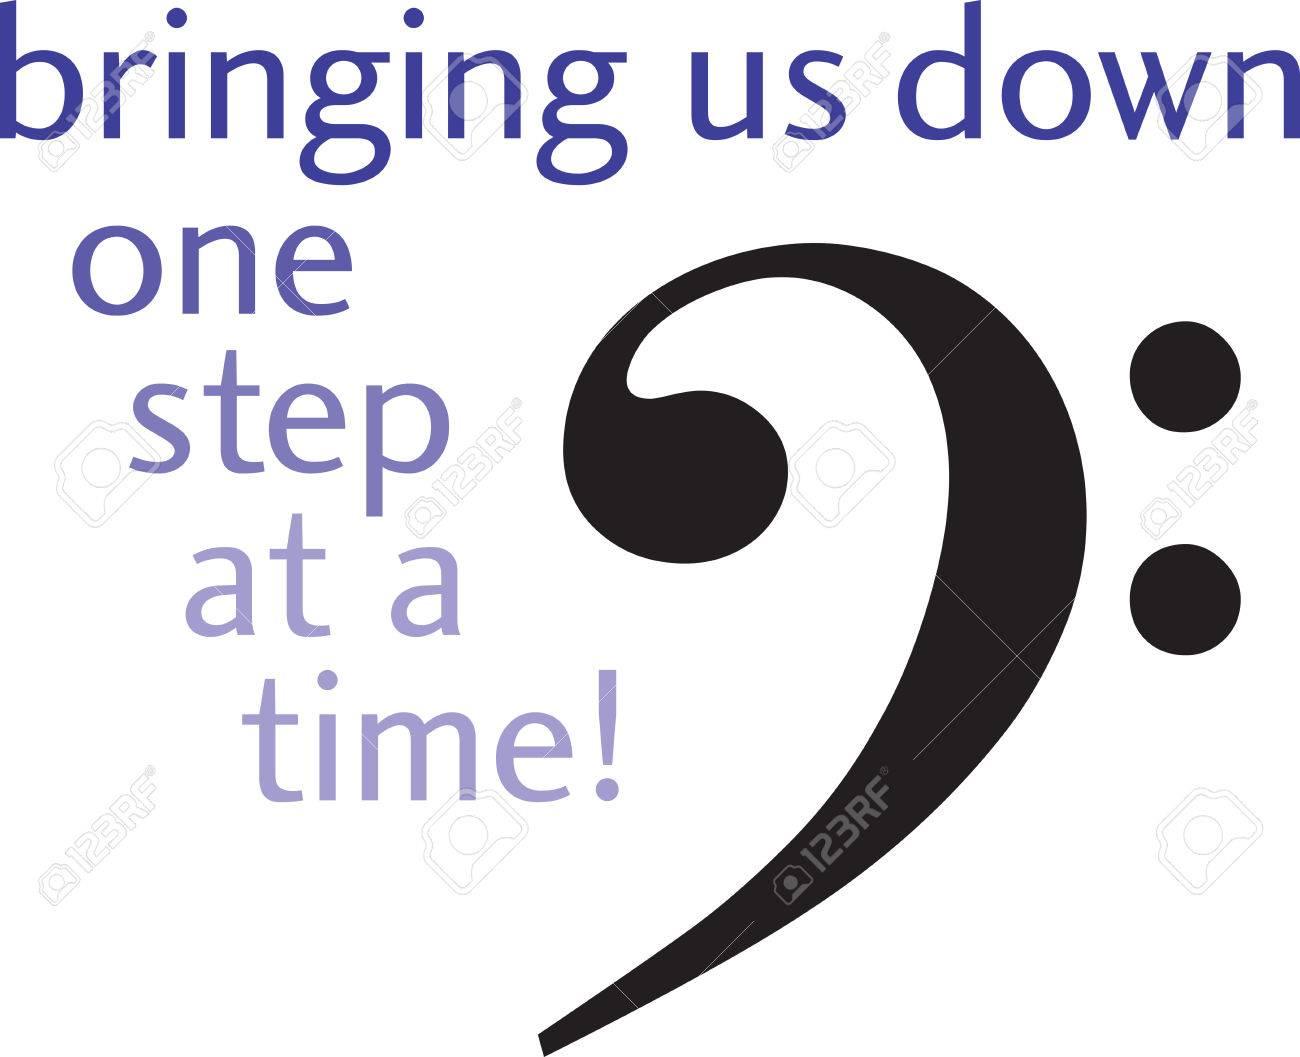 La Clave De Fa Es La Primera Gran Símbolo En El Pentagrama Inferior